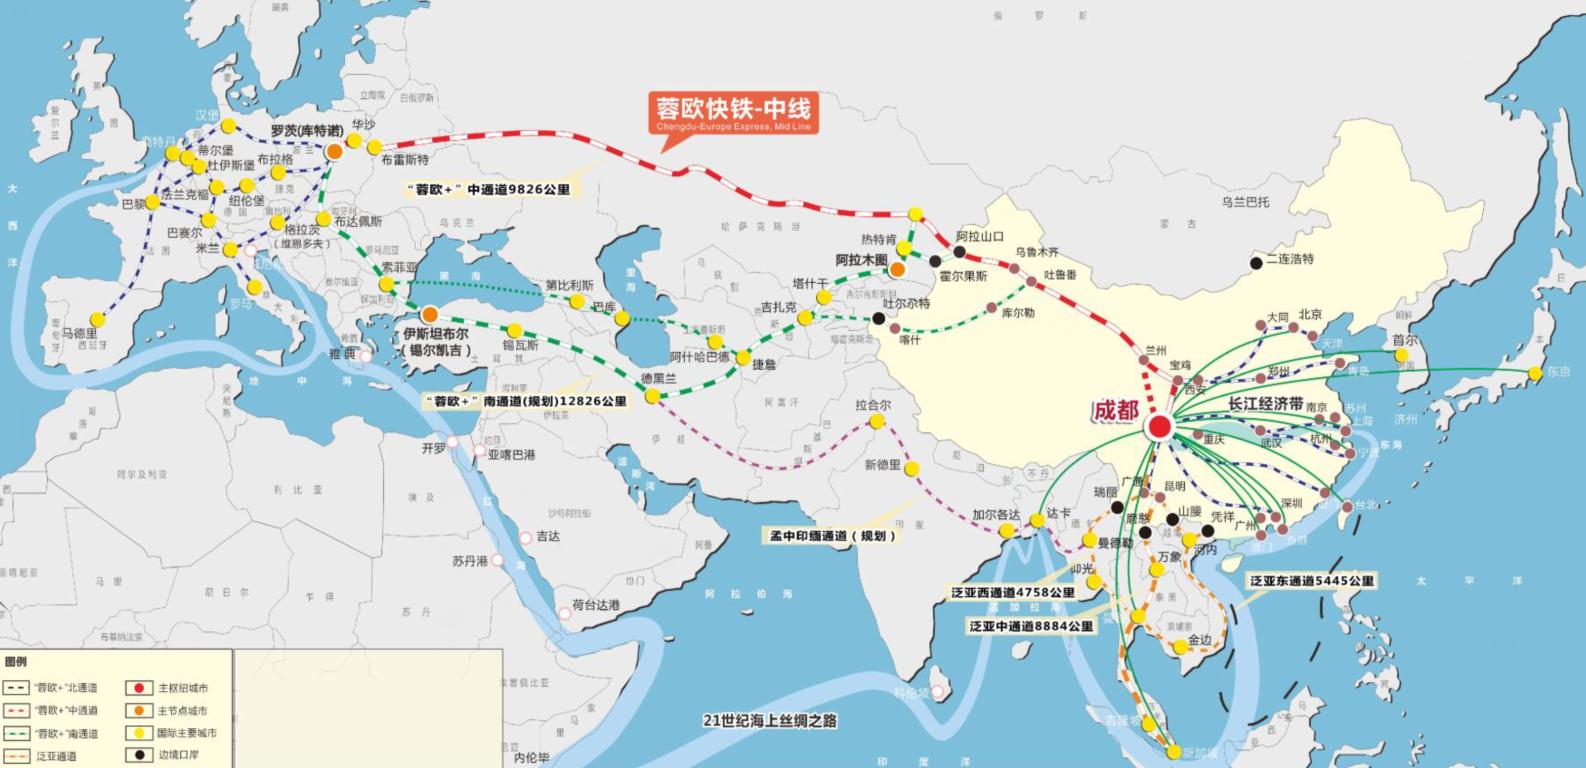 天津平行出口车物流价钱 中欧班列物流价钱 成都雨城物流无限责任公司